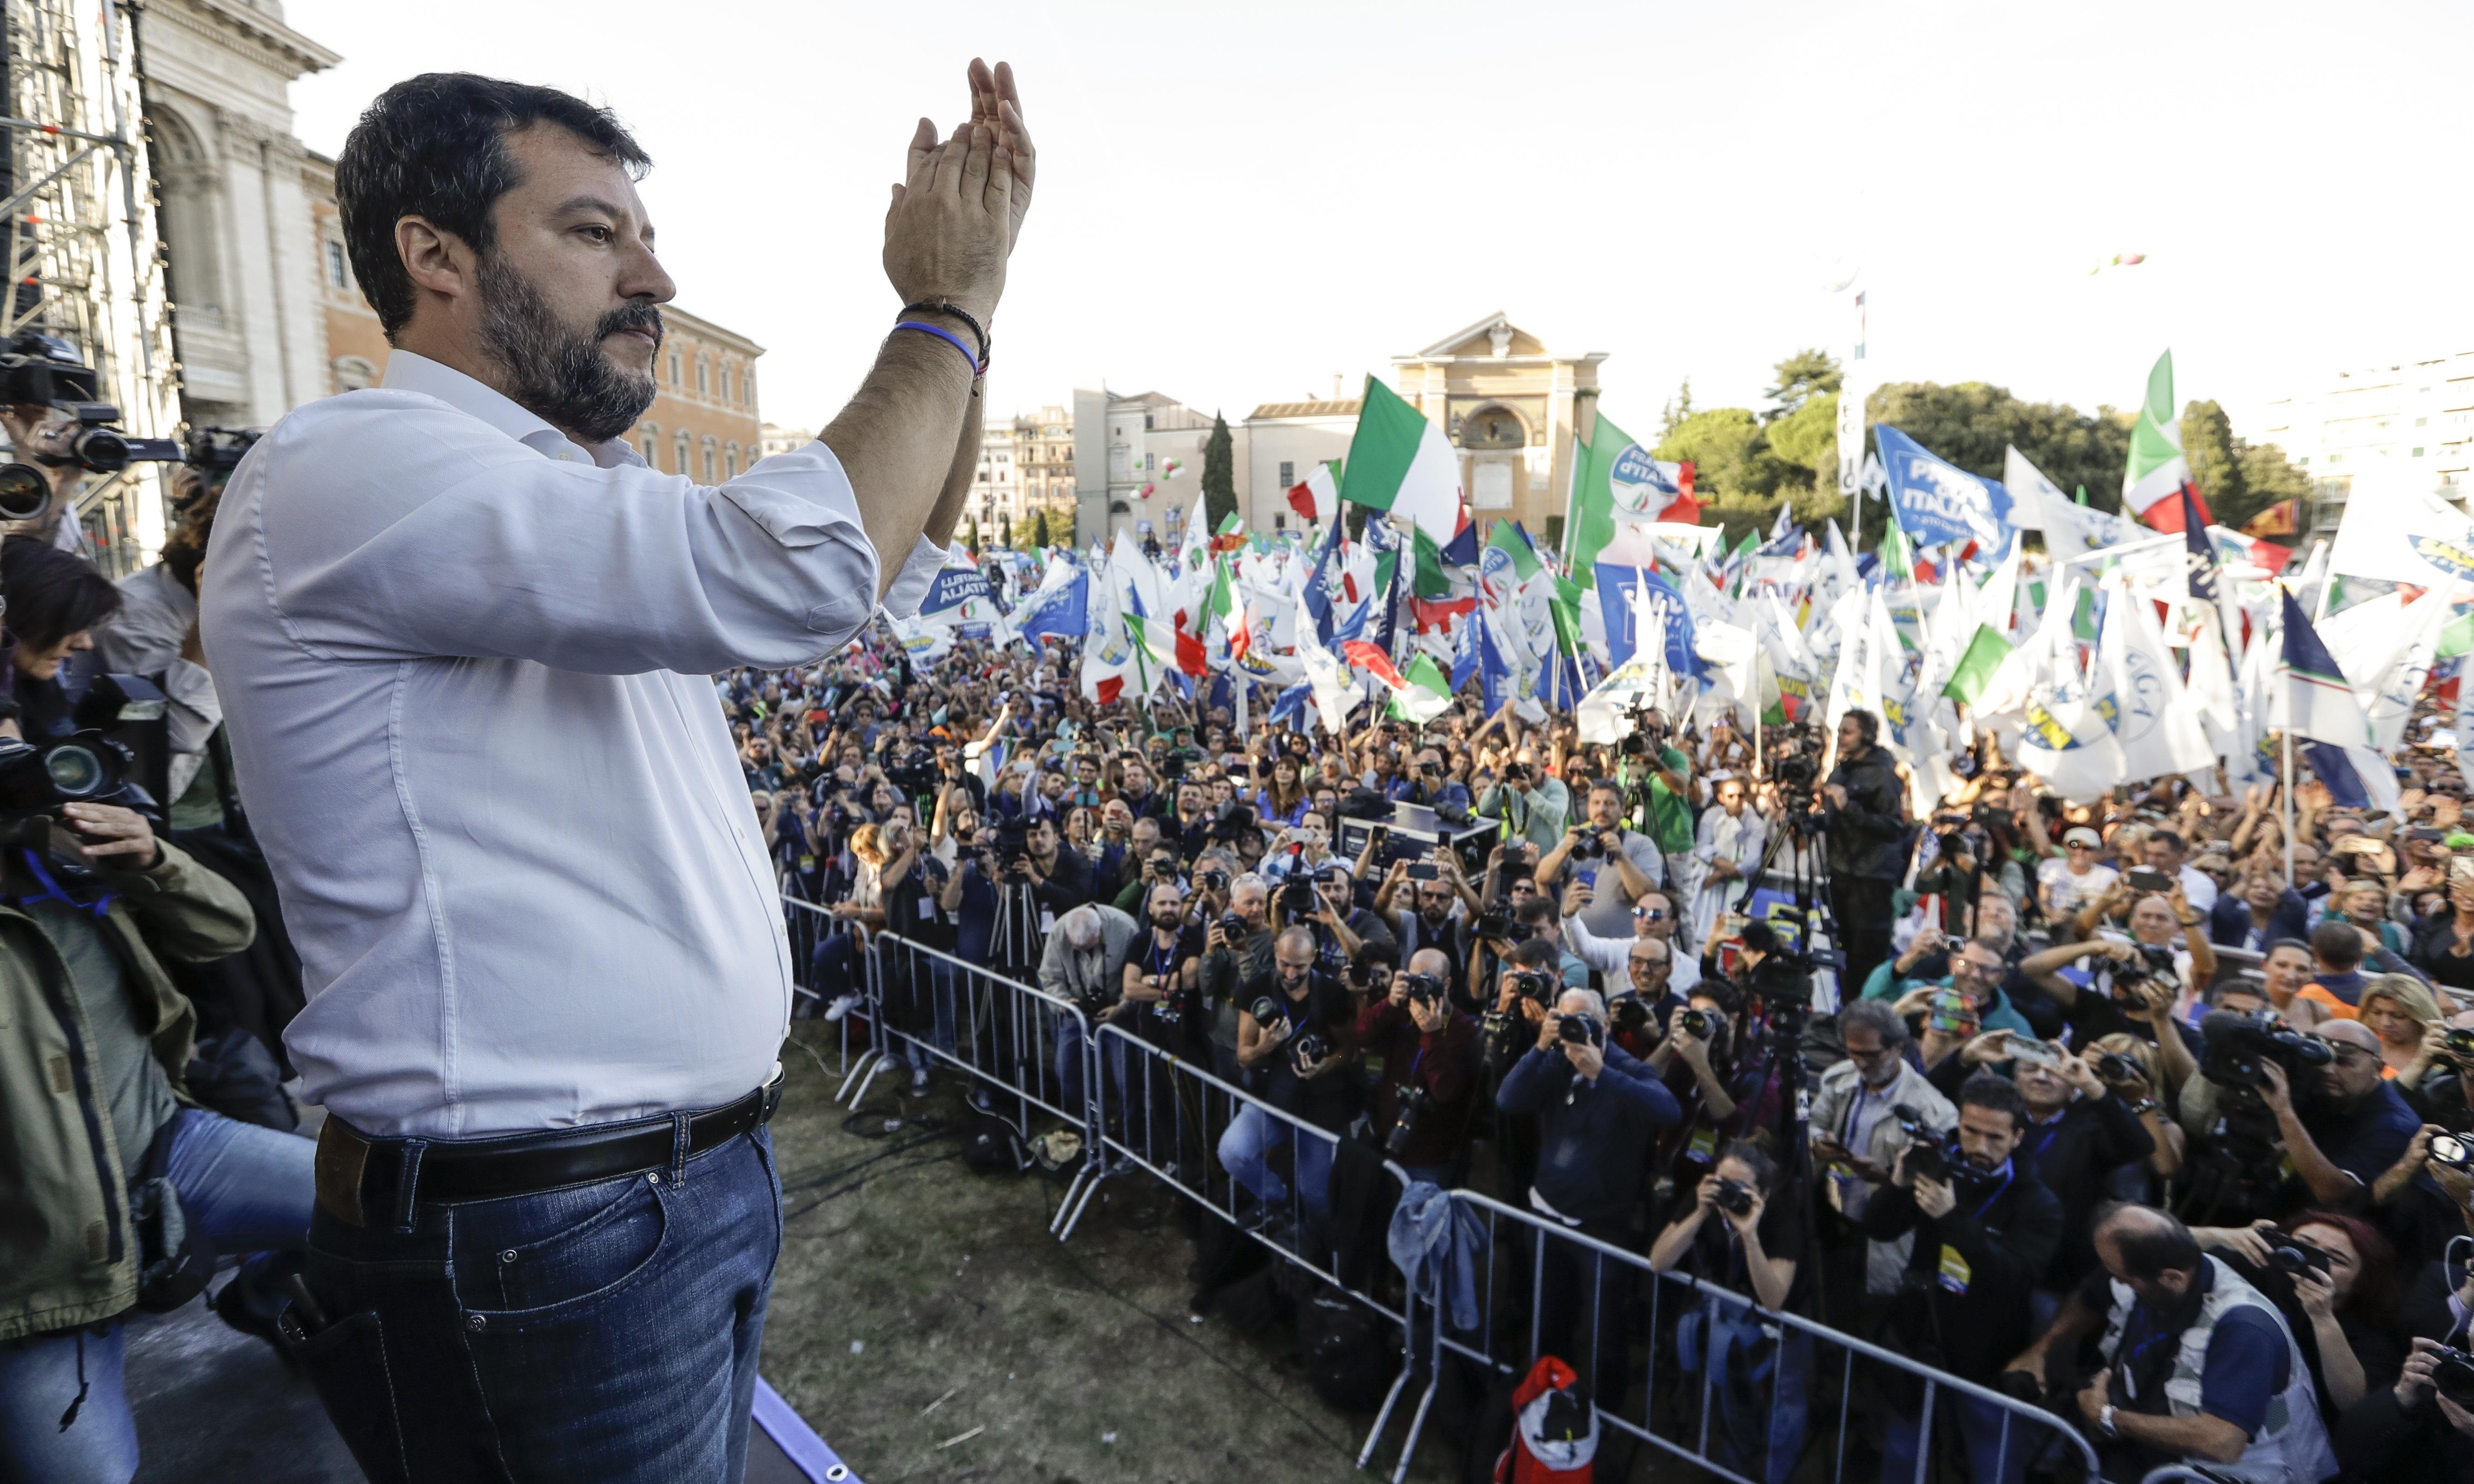 'Sardines against Salvini': Italians pack squares in protest against far right